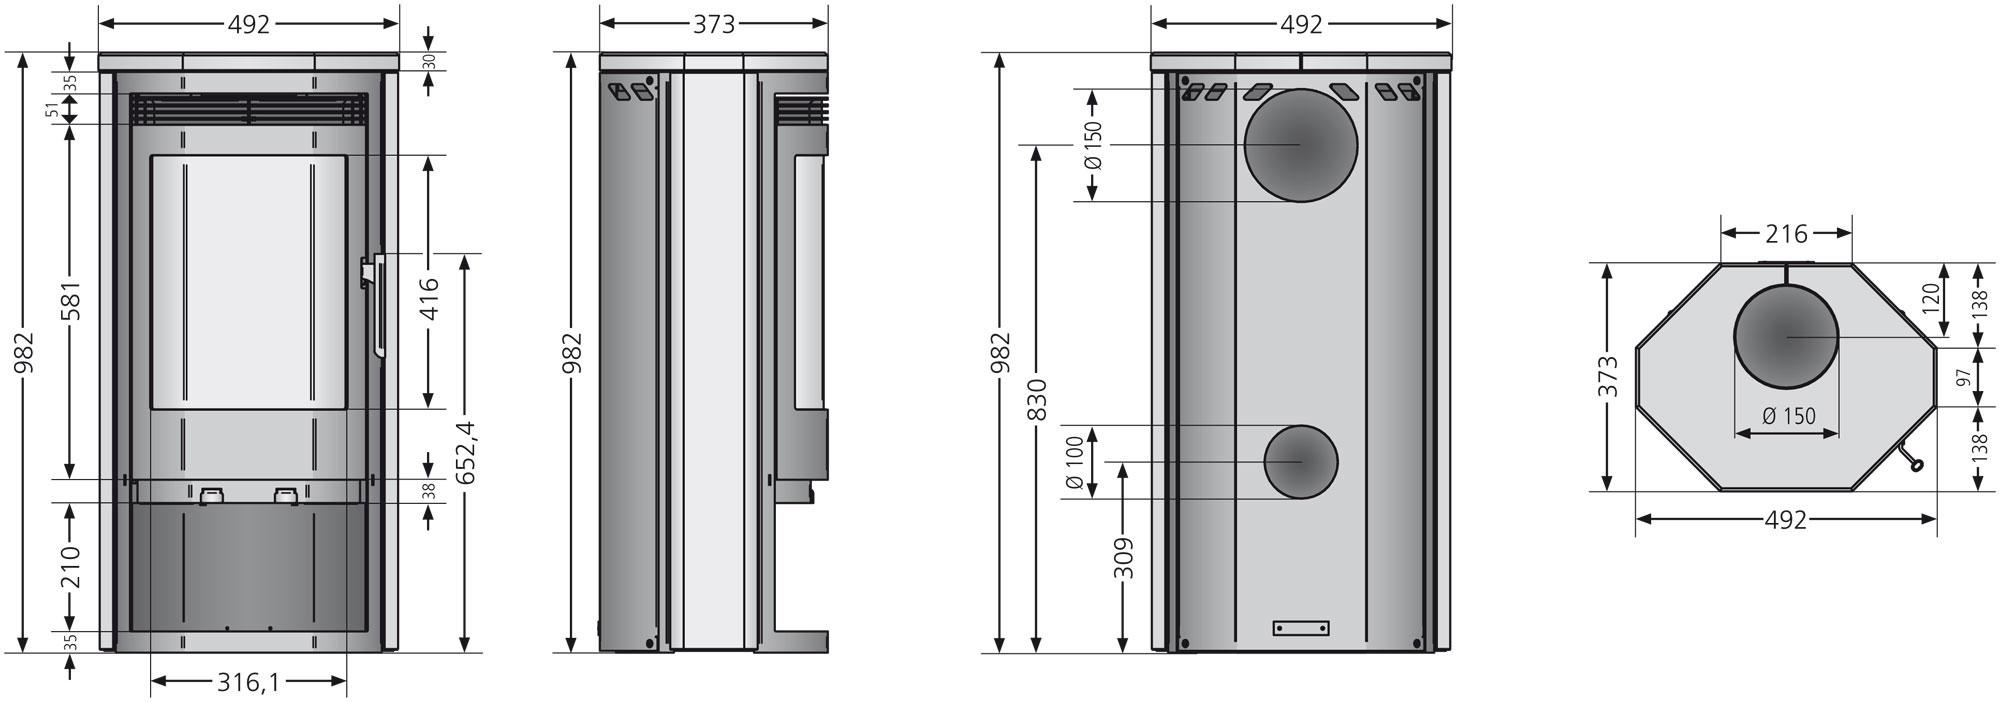 Kaminofen Justus Usedom 5 Stahl grau raumluftunabhängig 5kW Bild 3